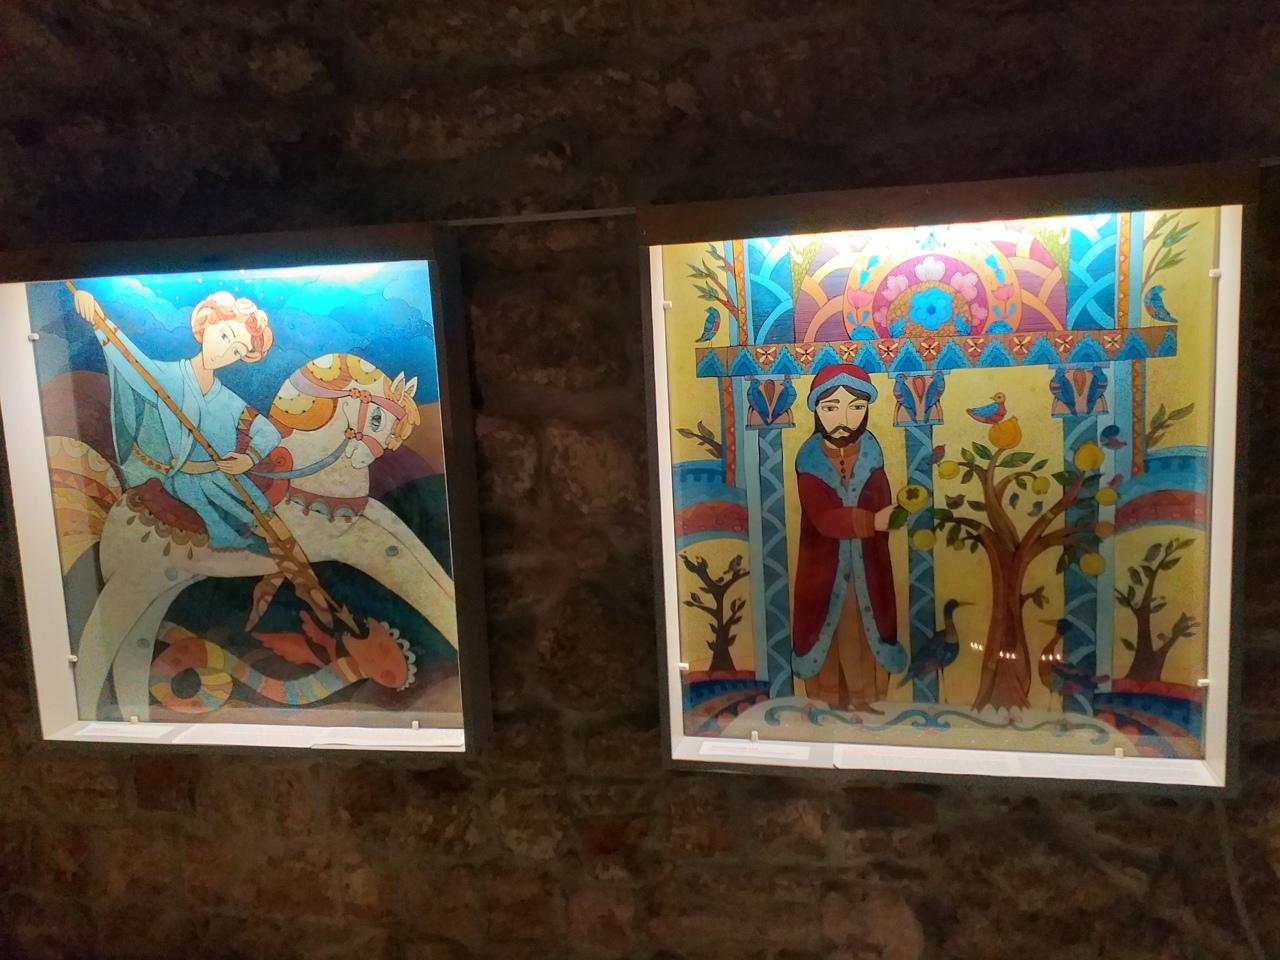 эзотерика - Елена Руденко. Мои путешествия. Львов. Музей истории религии. Средневековые подземелья. 1q3S6F6BAMw